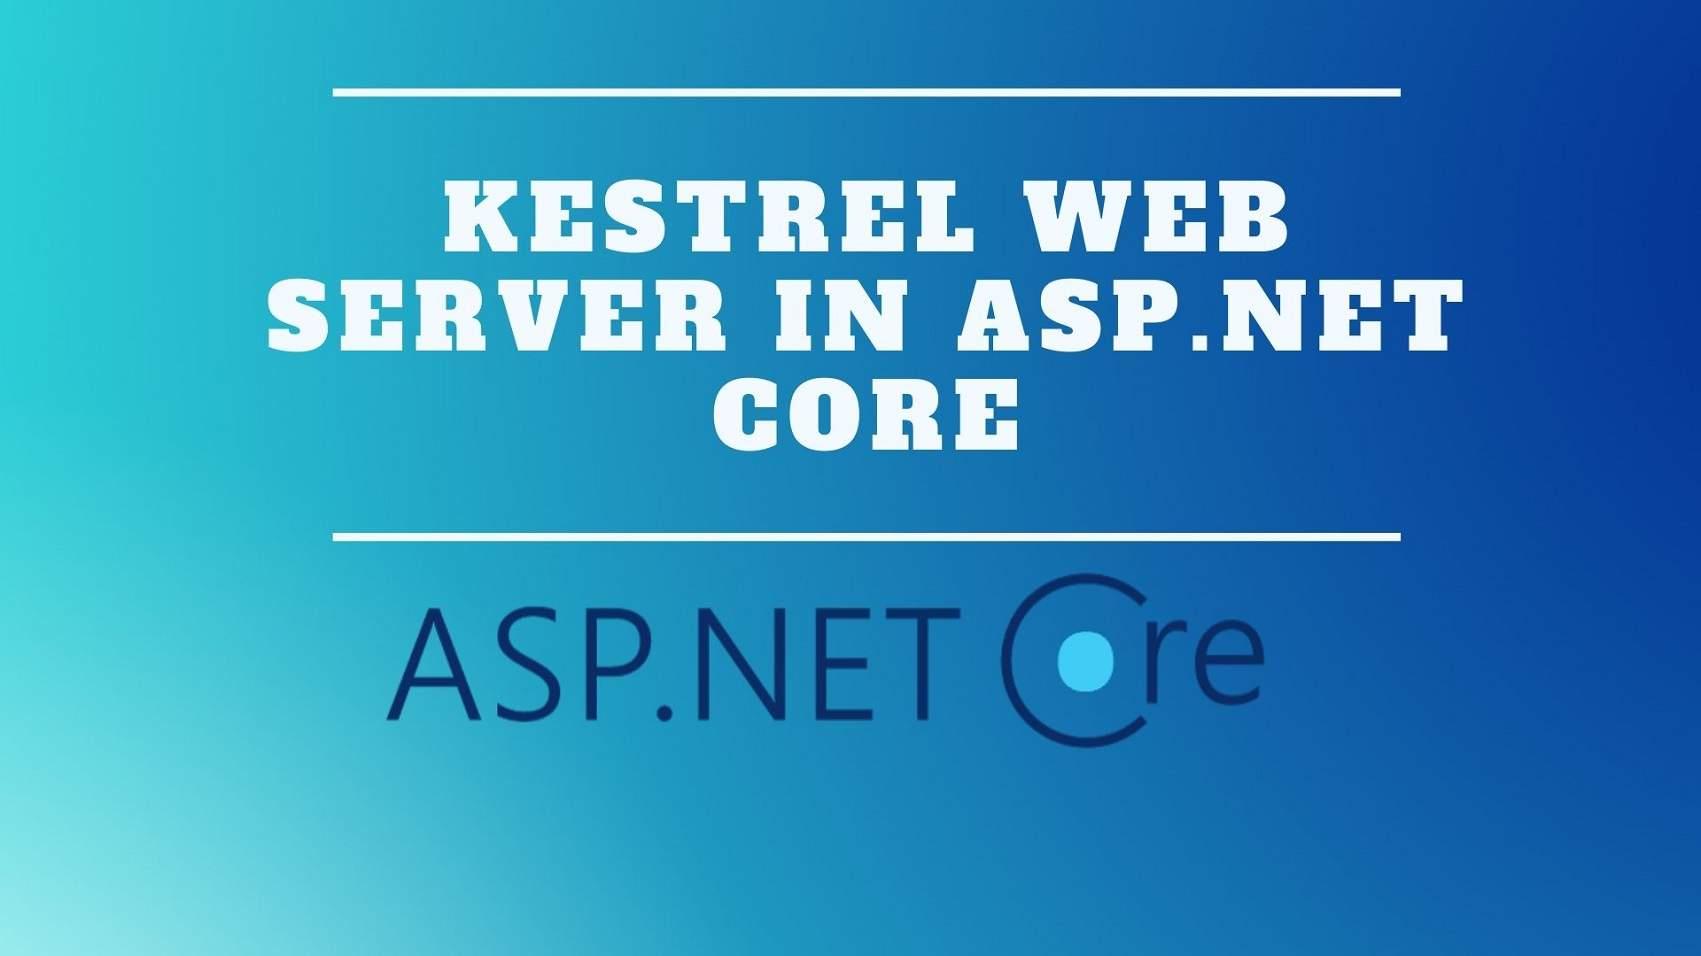 Kestrel Web Server in ASP.NET Core